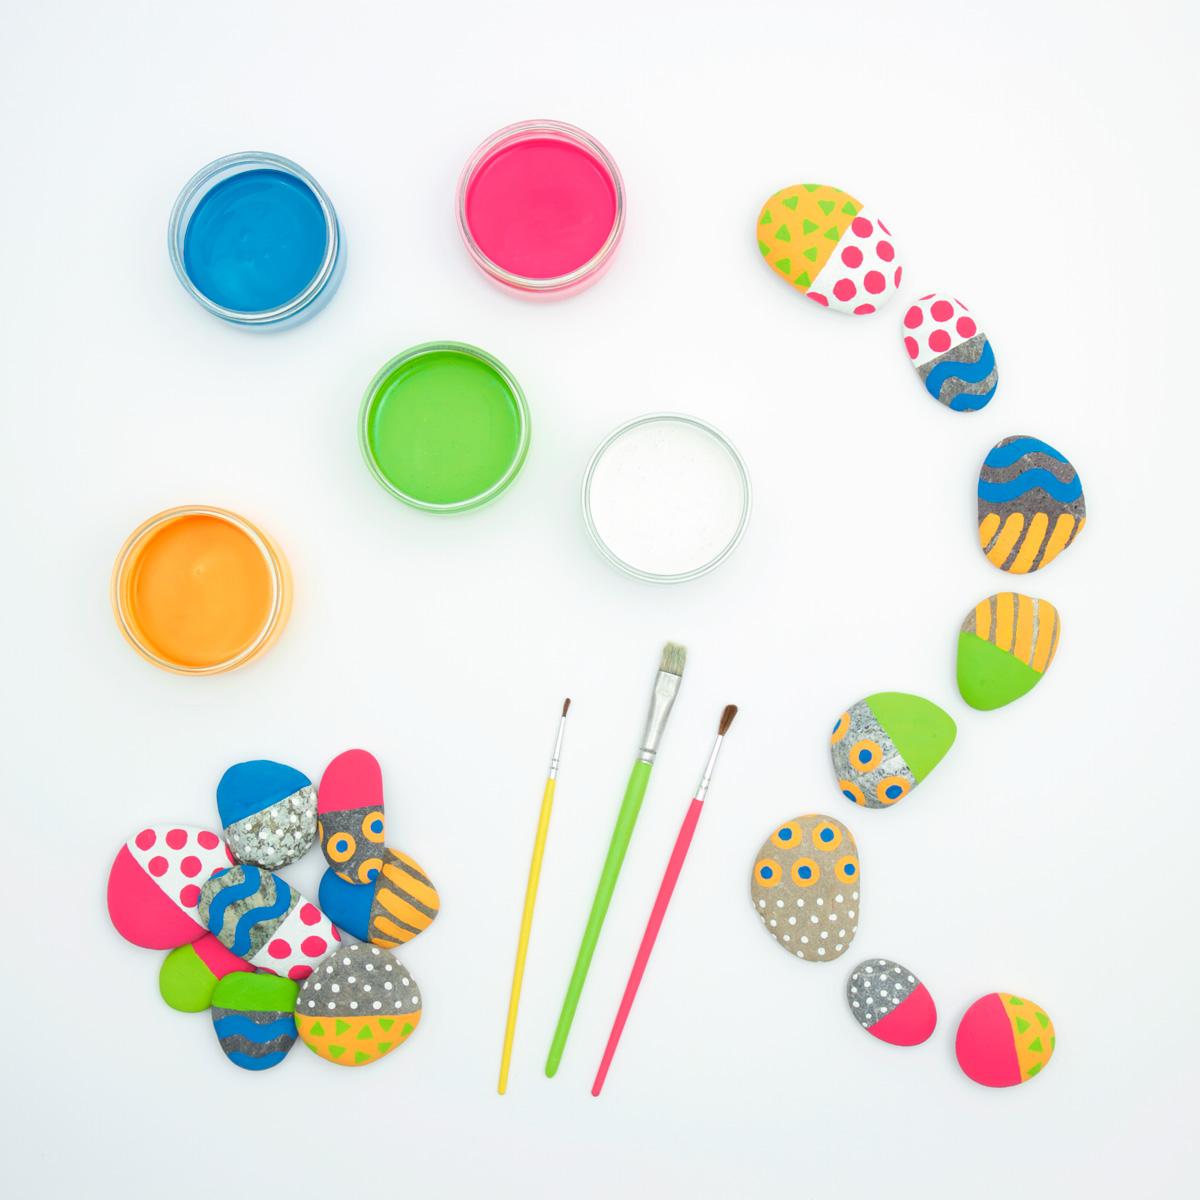 Présentation du matériel pour réaliser des dominos avec des galets peints. Bricolage pour les enfants à partir de 5 ans. Tiré de l'Atelier nature, Sandra Willauer.